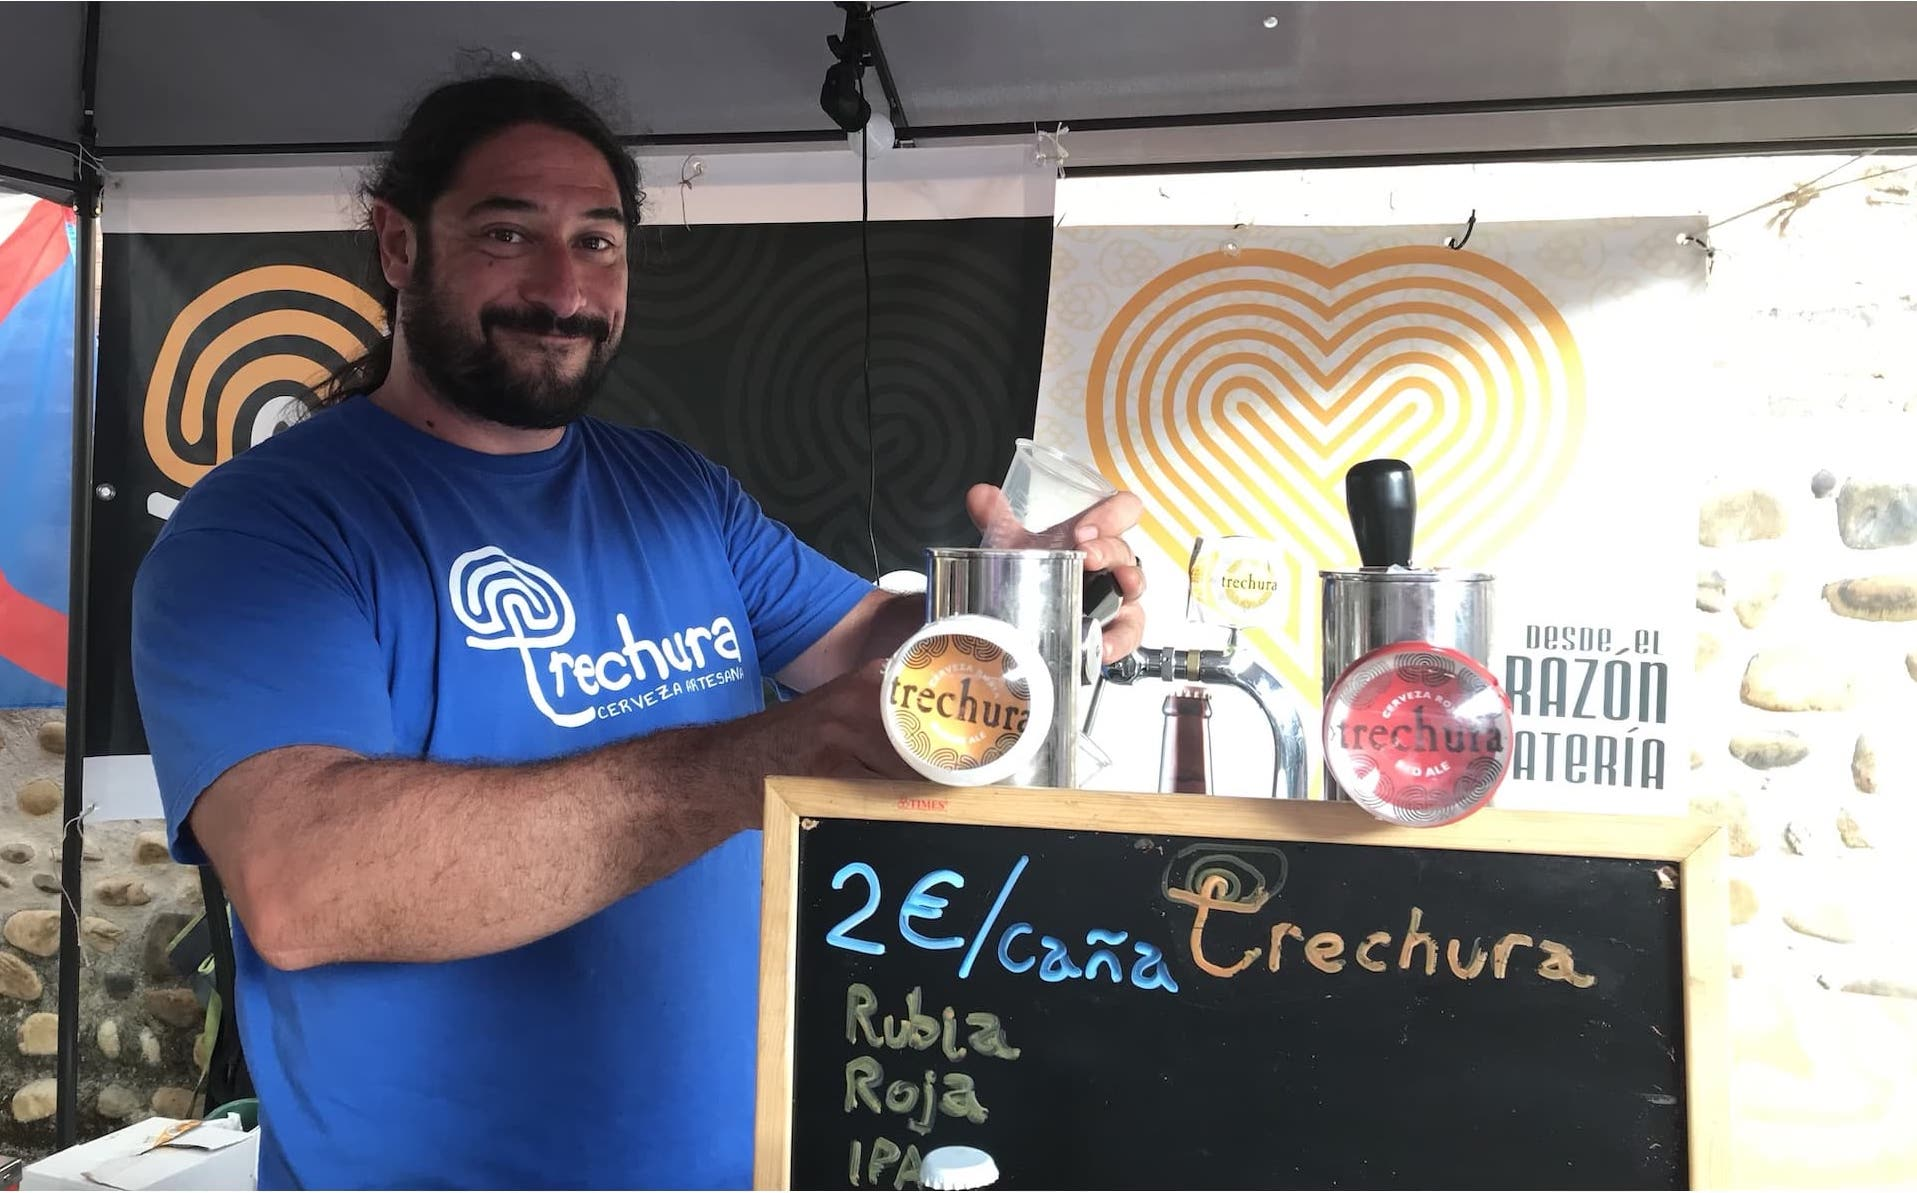 Alvaro de la cervecería Trechura